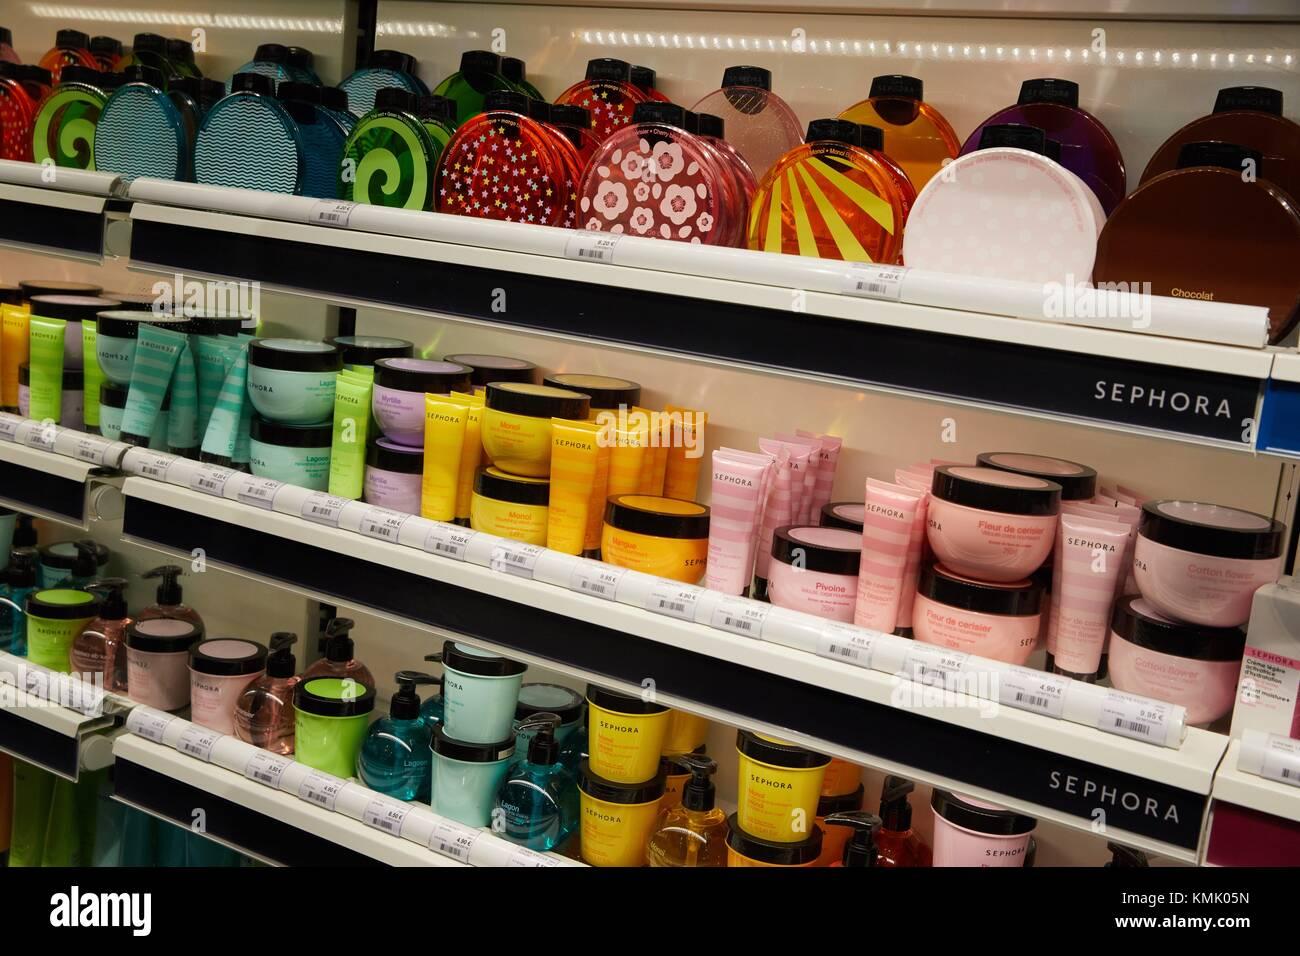 Perfume store, Donostia, San Sebastian, Gipuzkoa, Basque Country, Spain, Europe - Stock Image